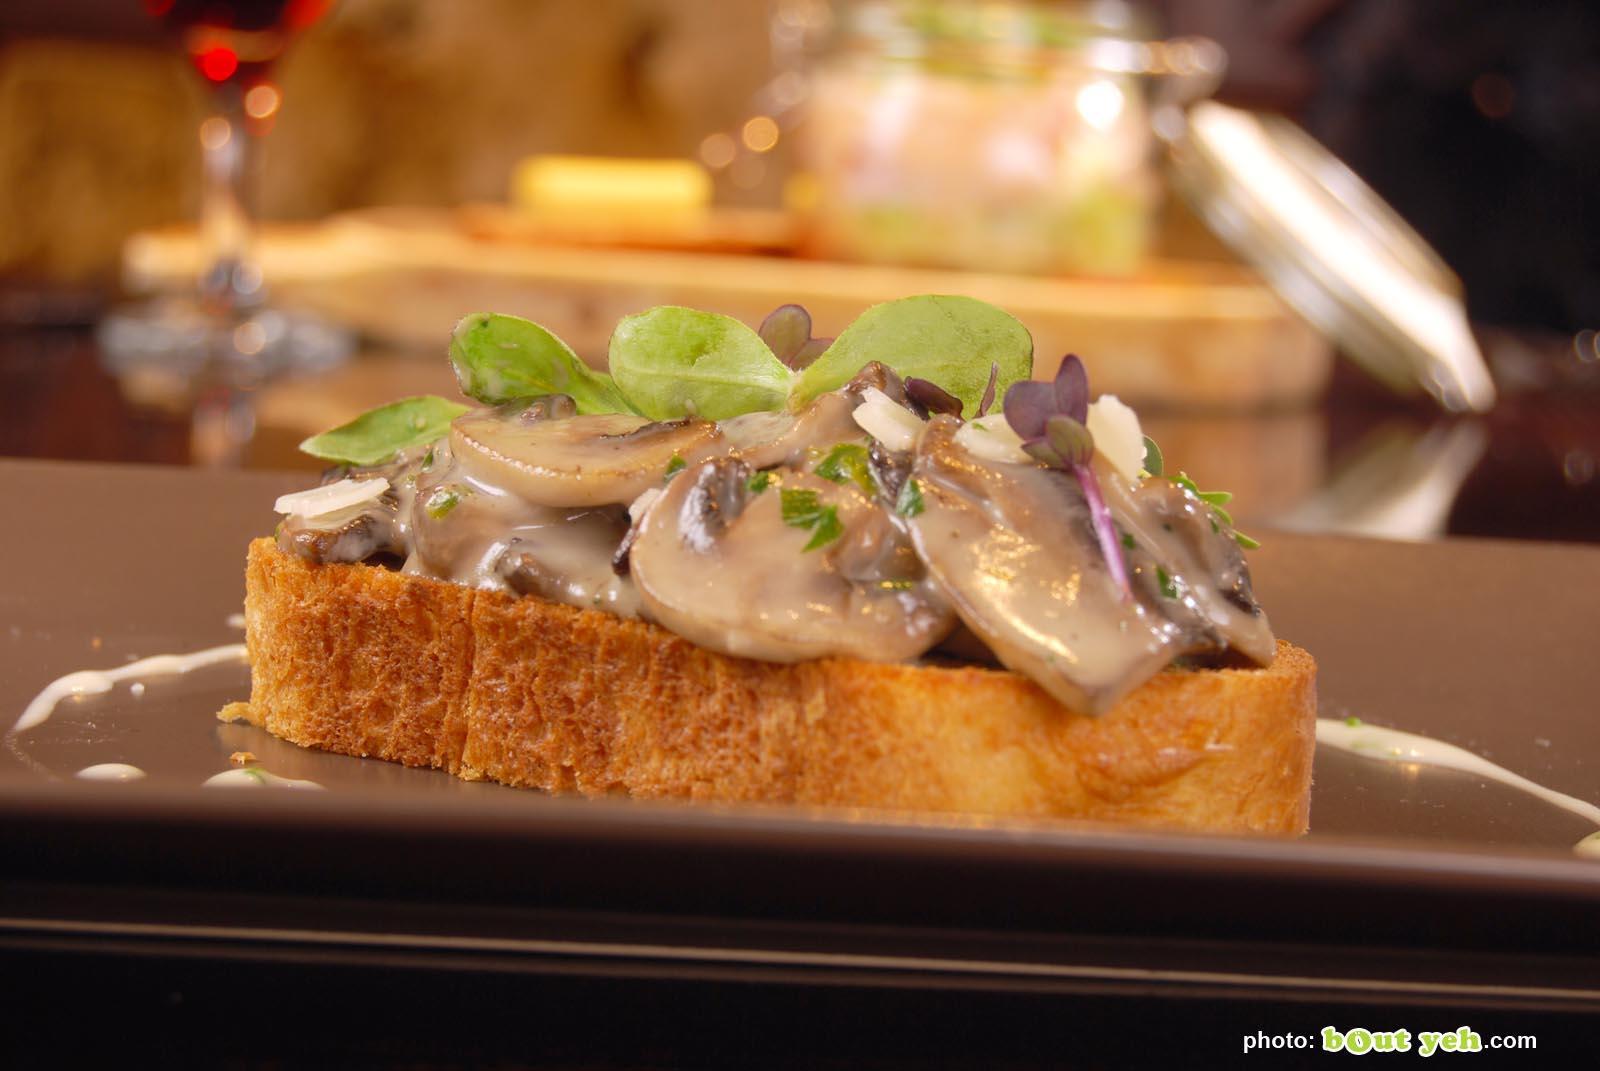 Food photographers Belfast portfolio photo 0826 - mushrooms on toast